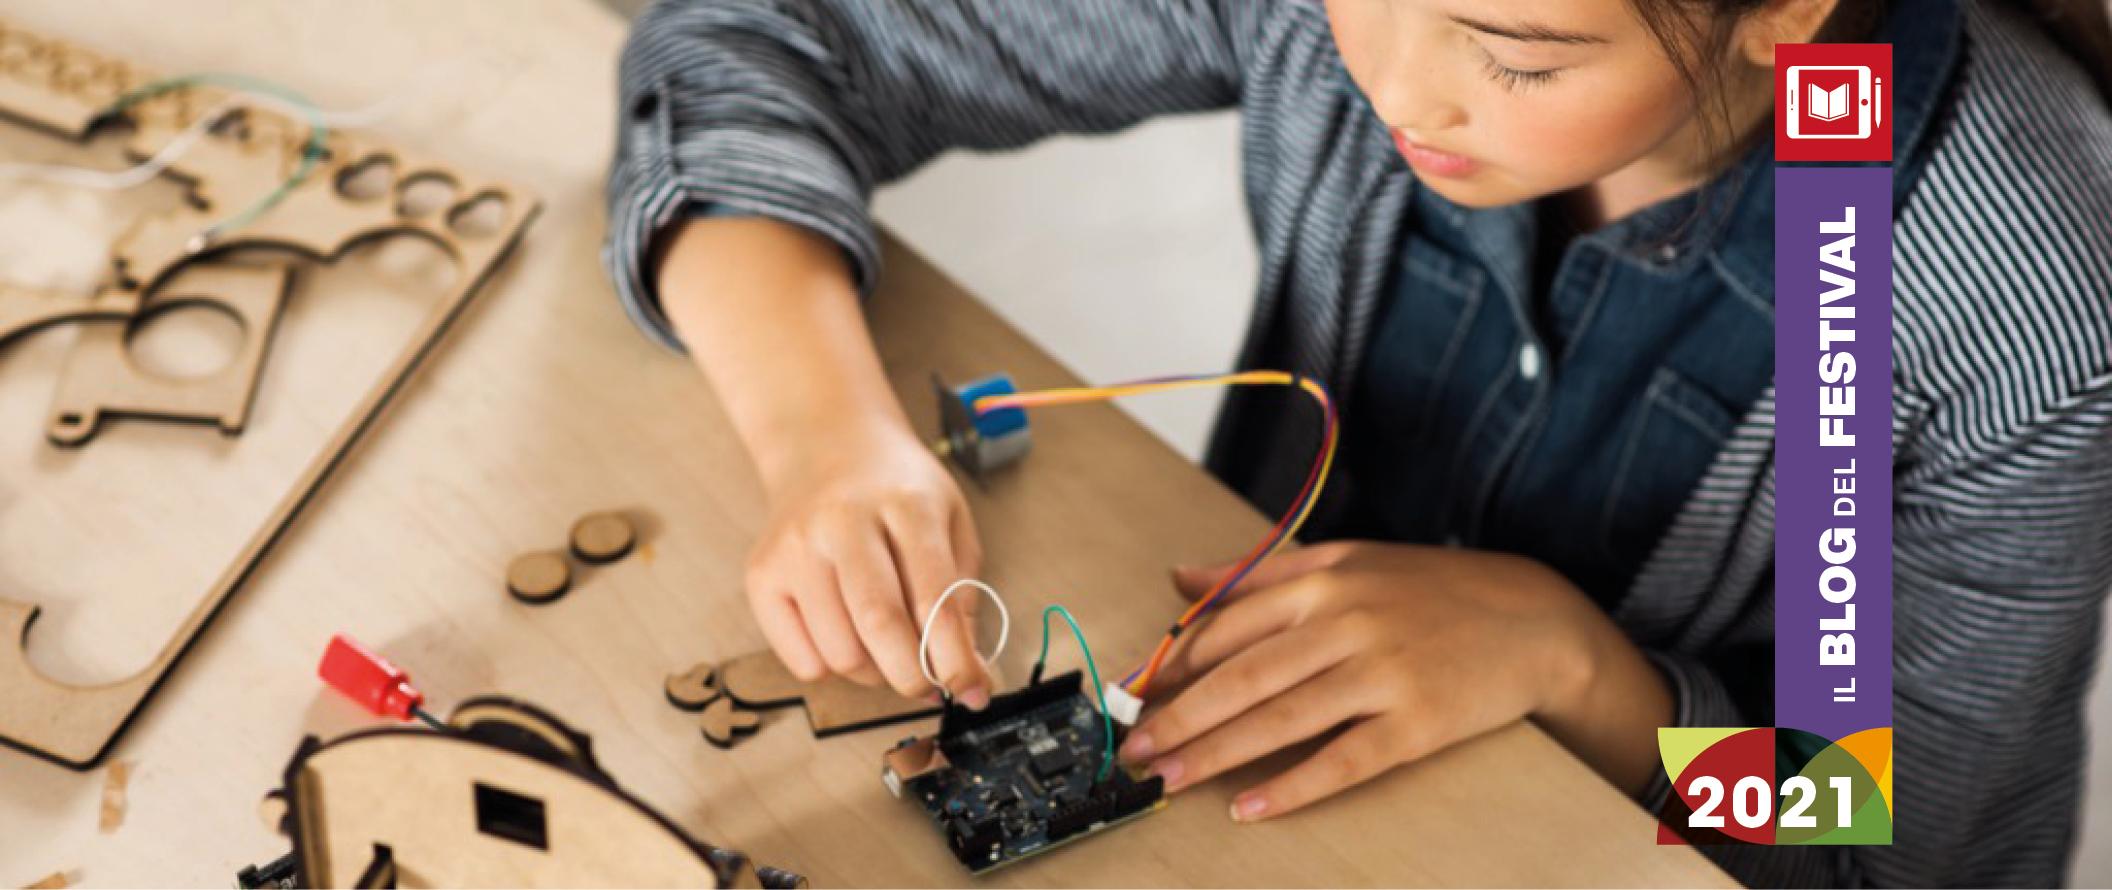 Tecnica e Genere: il Festival della Cultura tecnica 2021 nel segno delle donne